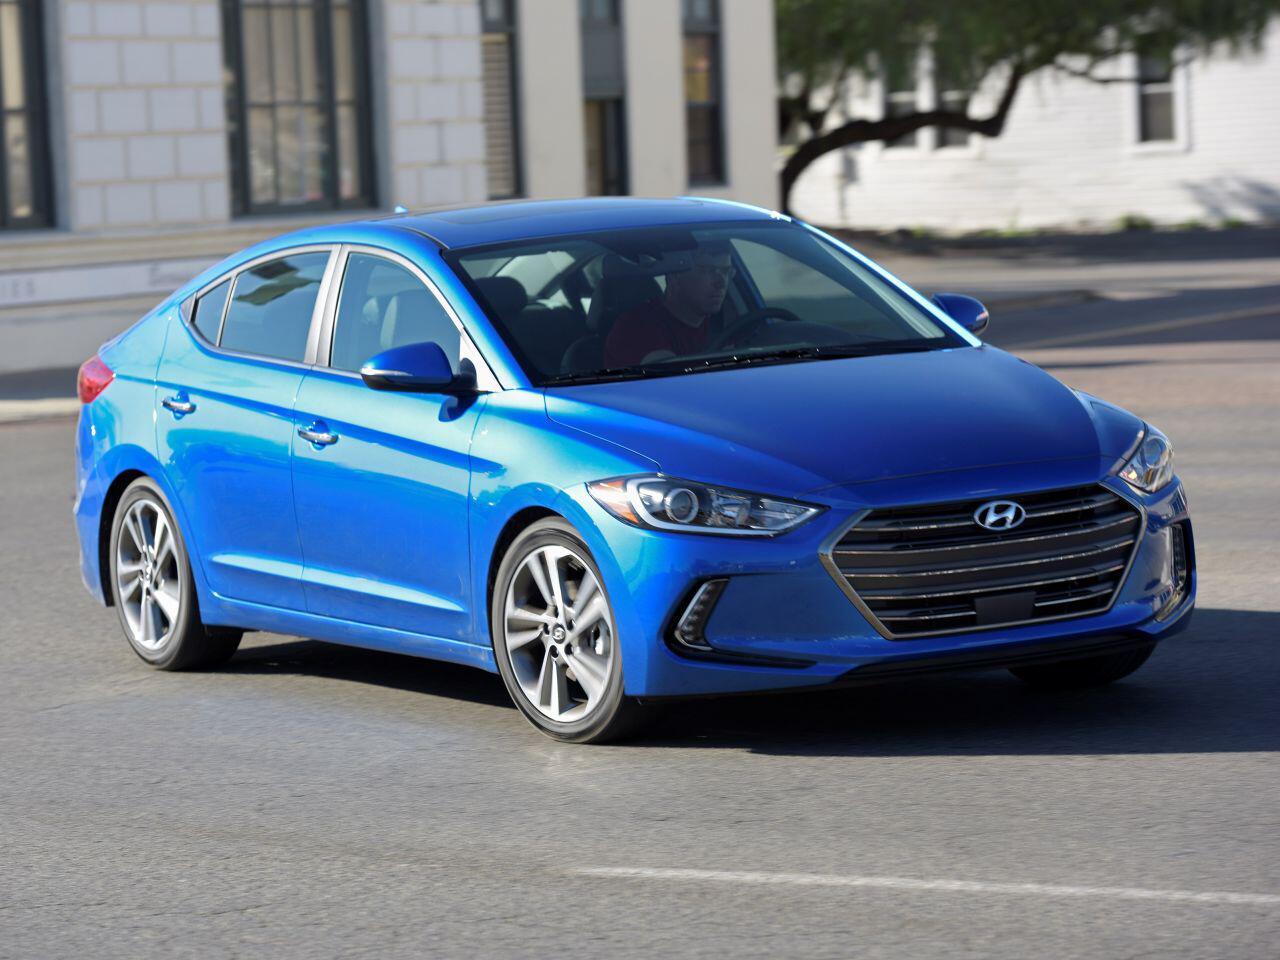 Bild zu Platz 14: Hyundai Elantra